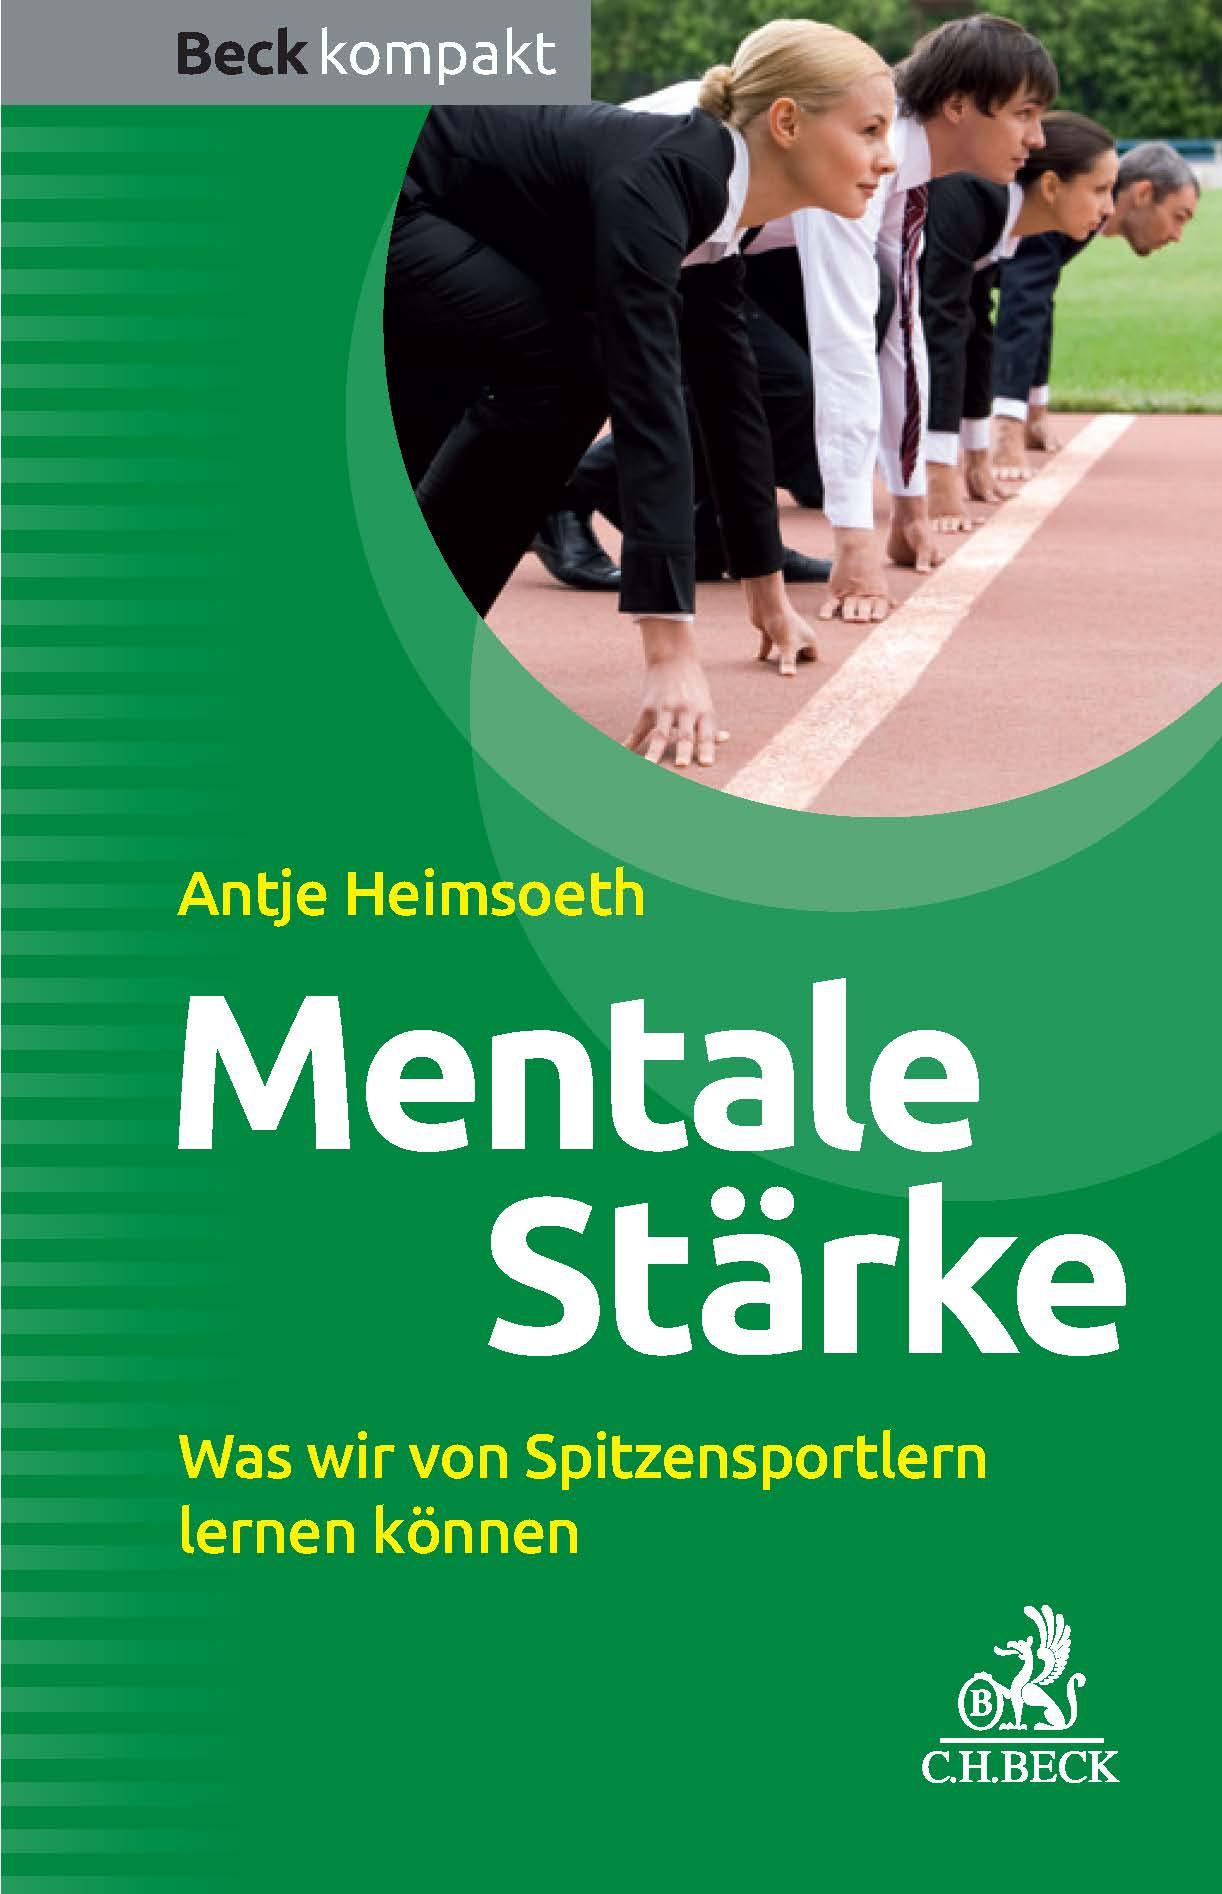 Mentale Stärke - Was wir von Spitzensportlern lernen können - Antje Heimsoeth - Buch